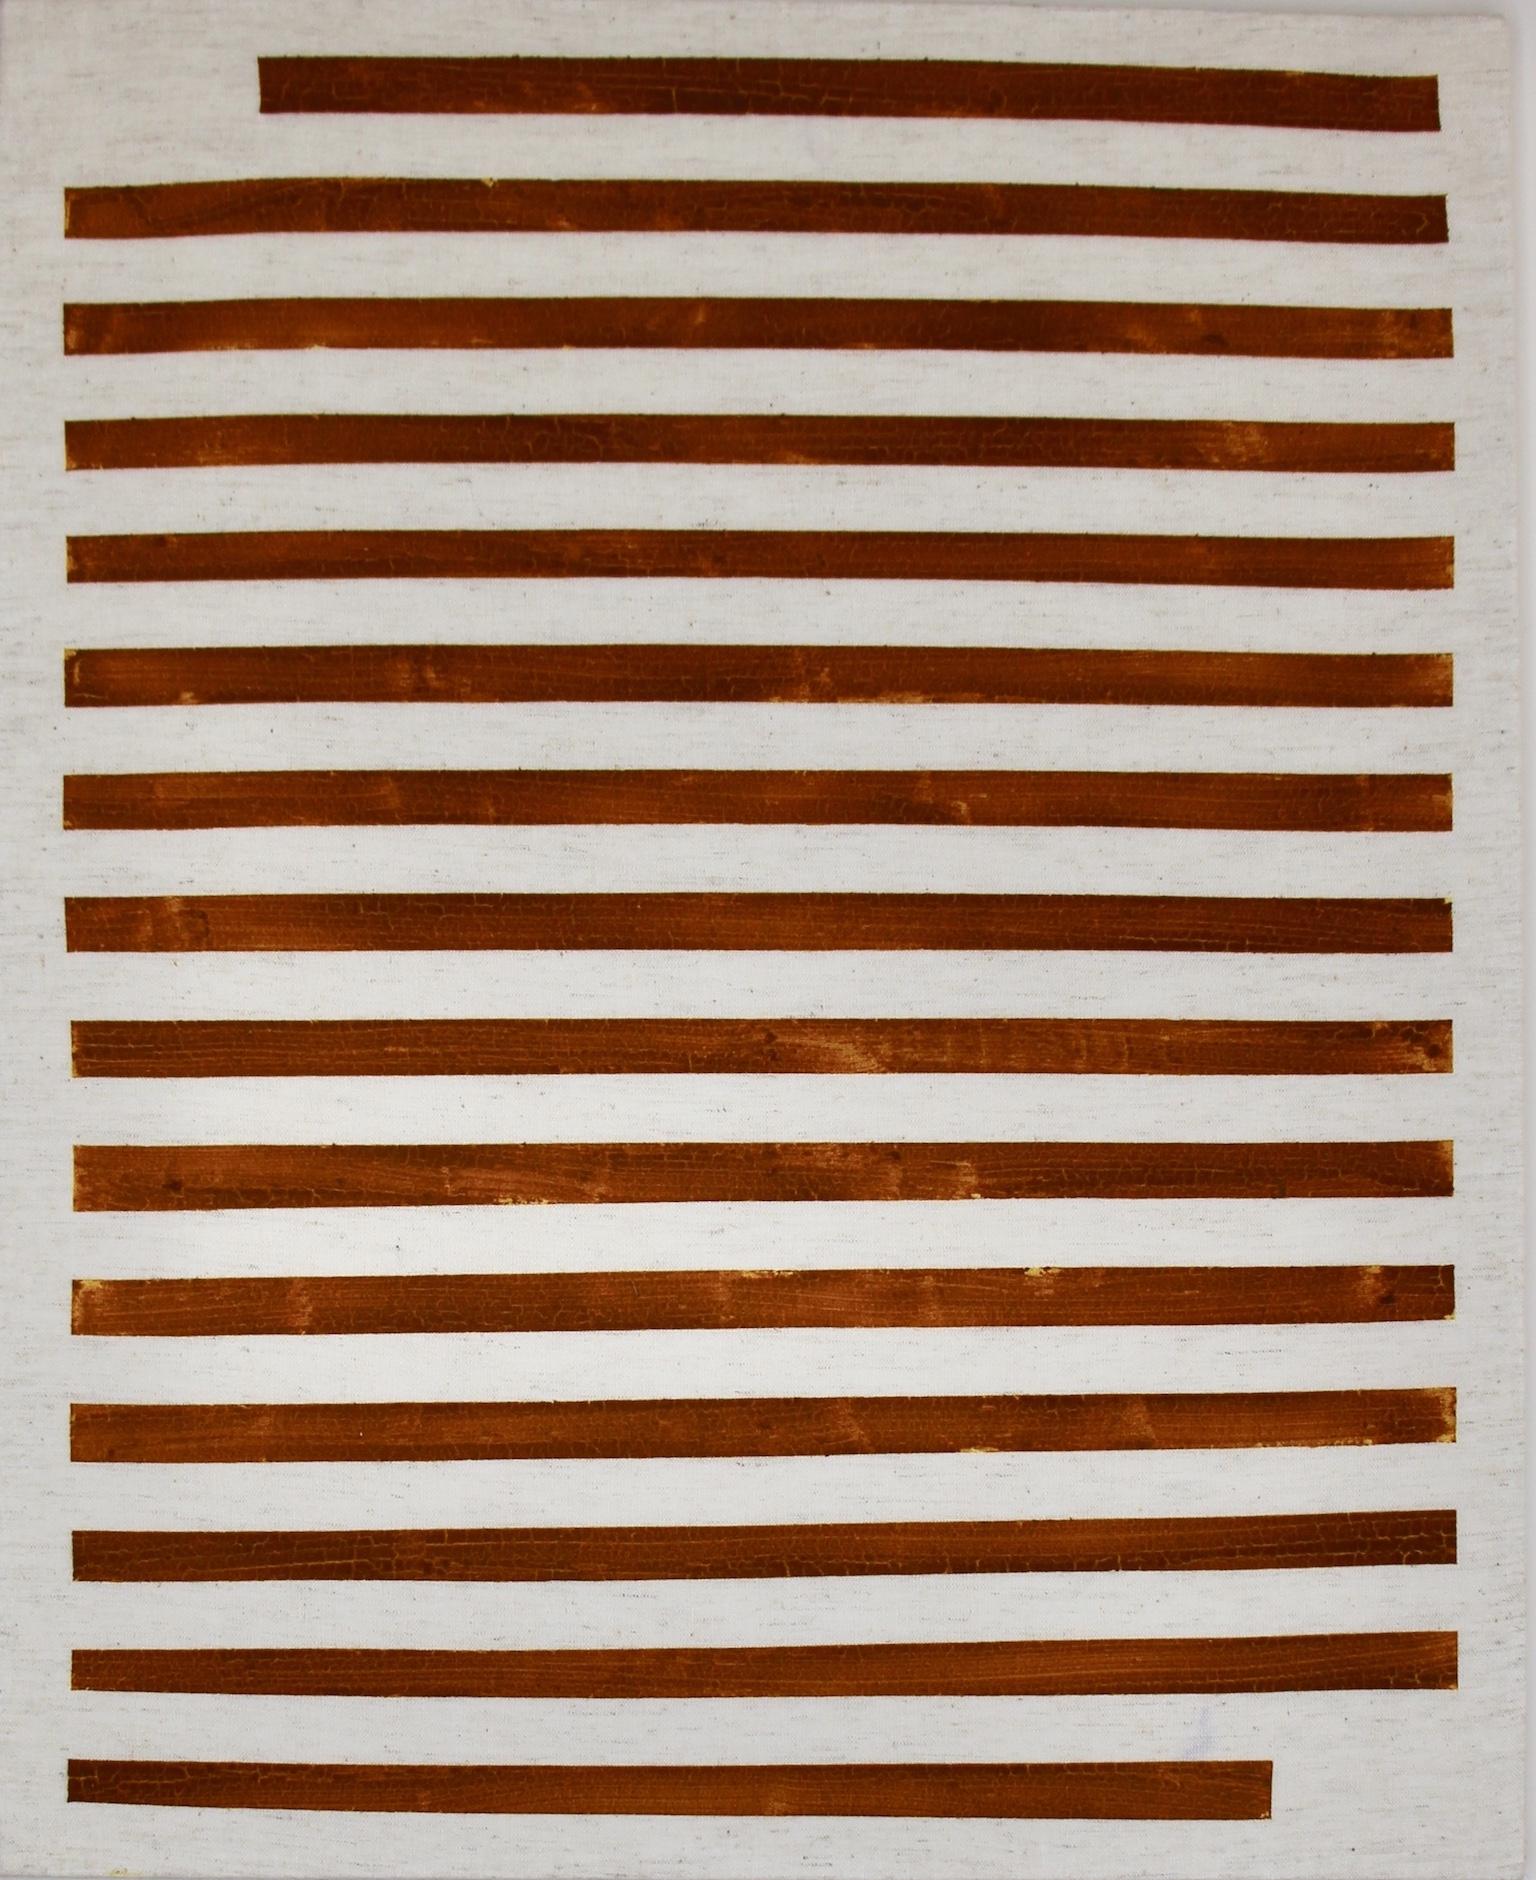 Meghana Gavireddygari, khadi turmeric ink